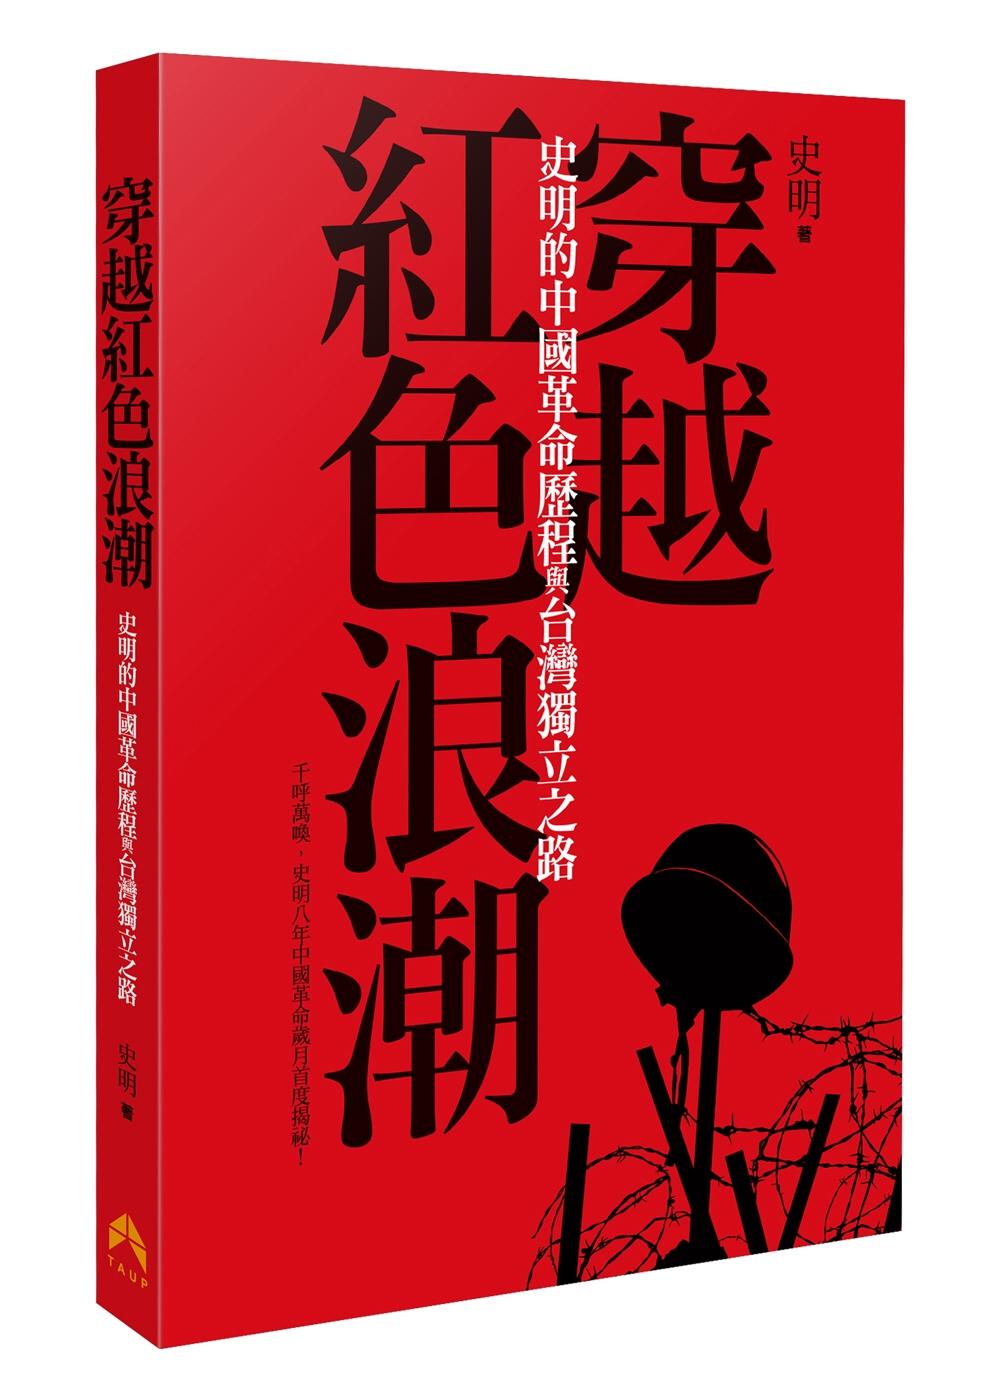 穿越紅色浪潮:史明的中國革命歷程與臺灣獨立之路